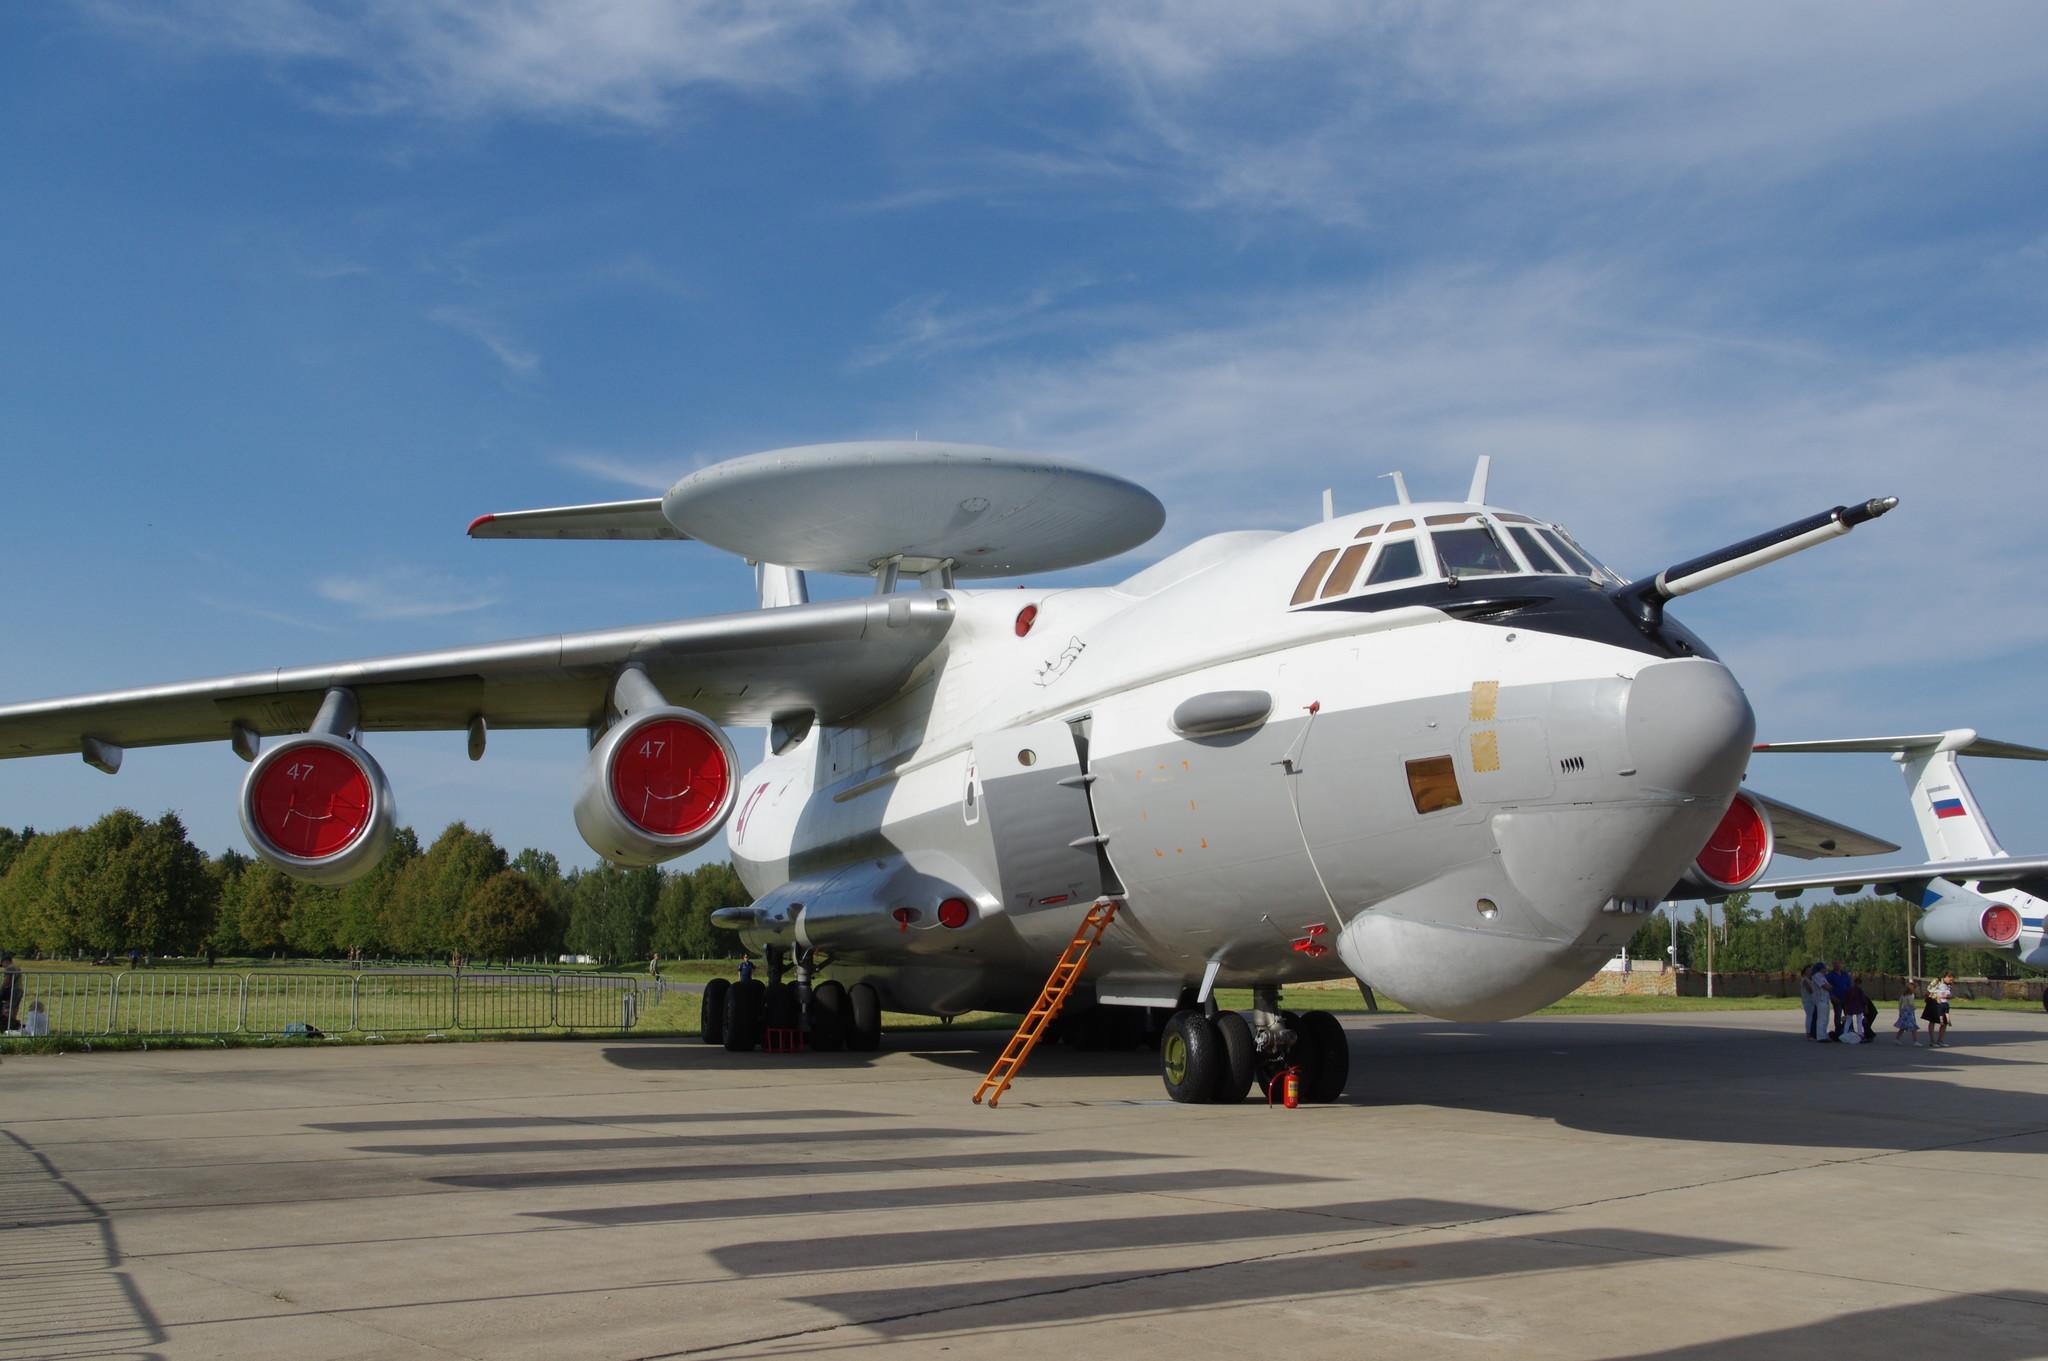 Самолёт дальнего радиолокационного обнаружения и управления А-50